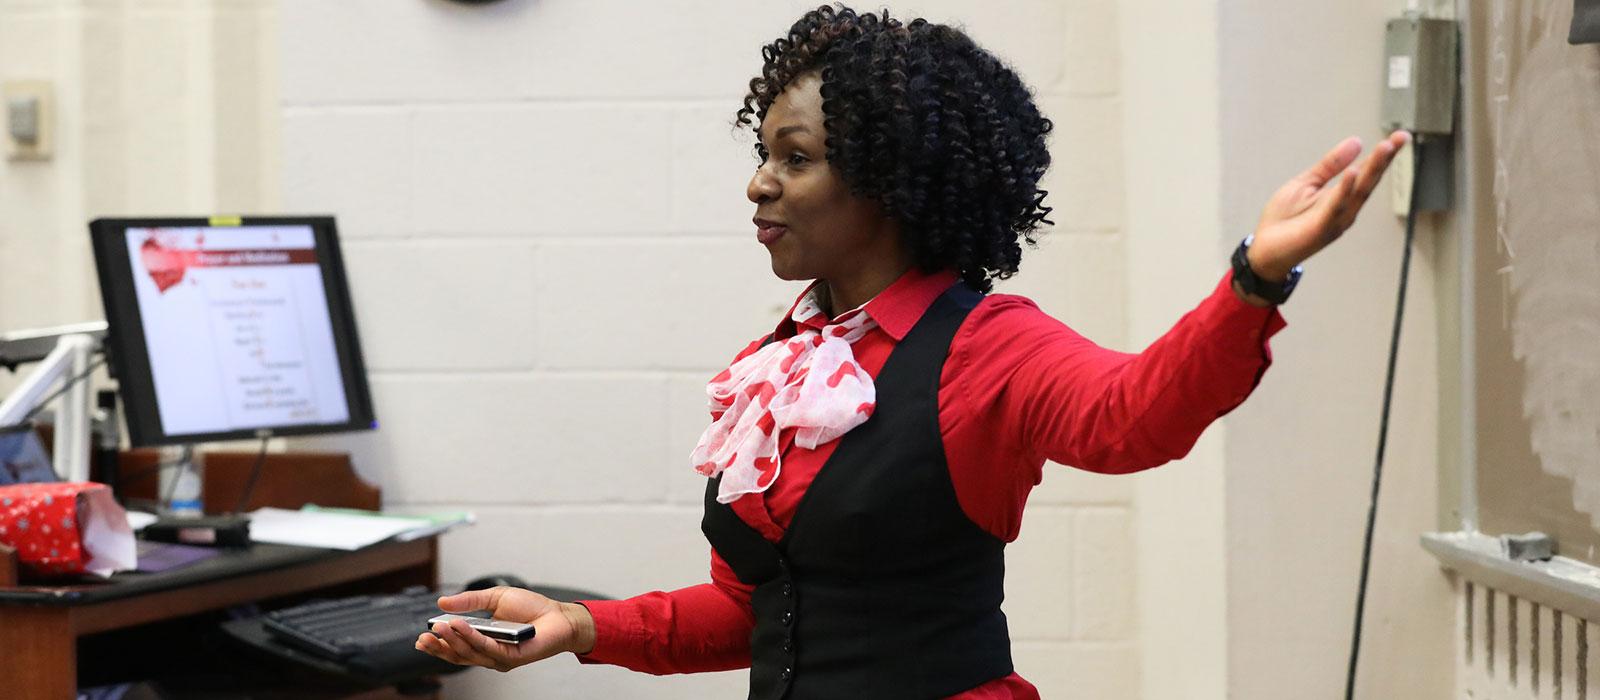 Nursing instructor in classroom